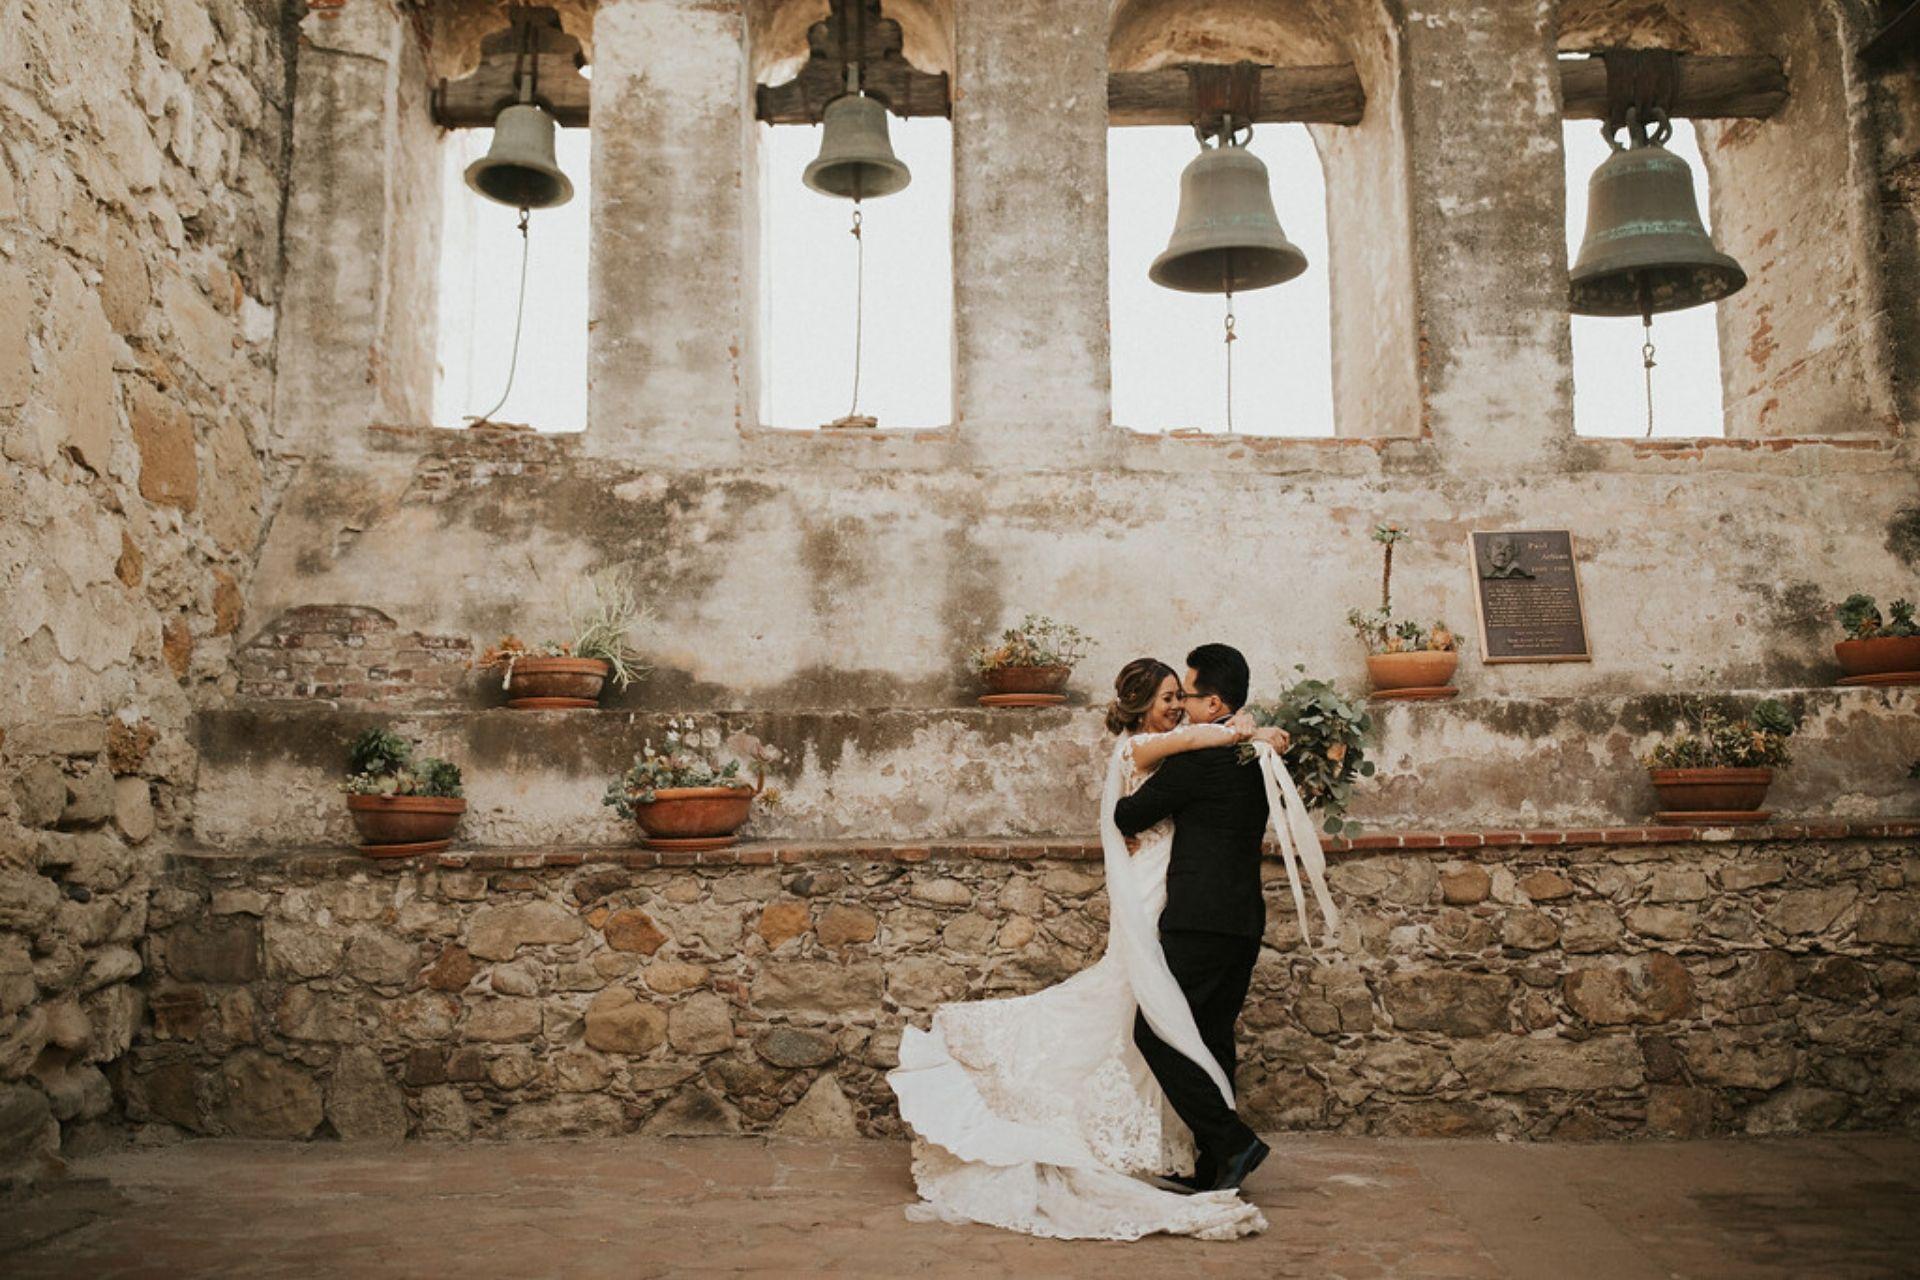 Romantic Vow Renewal Spots